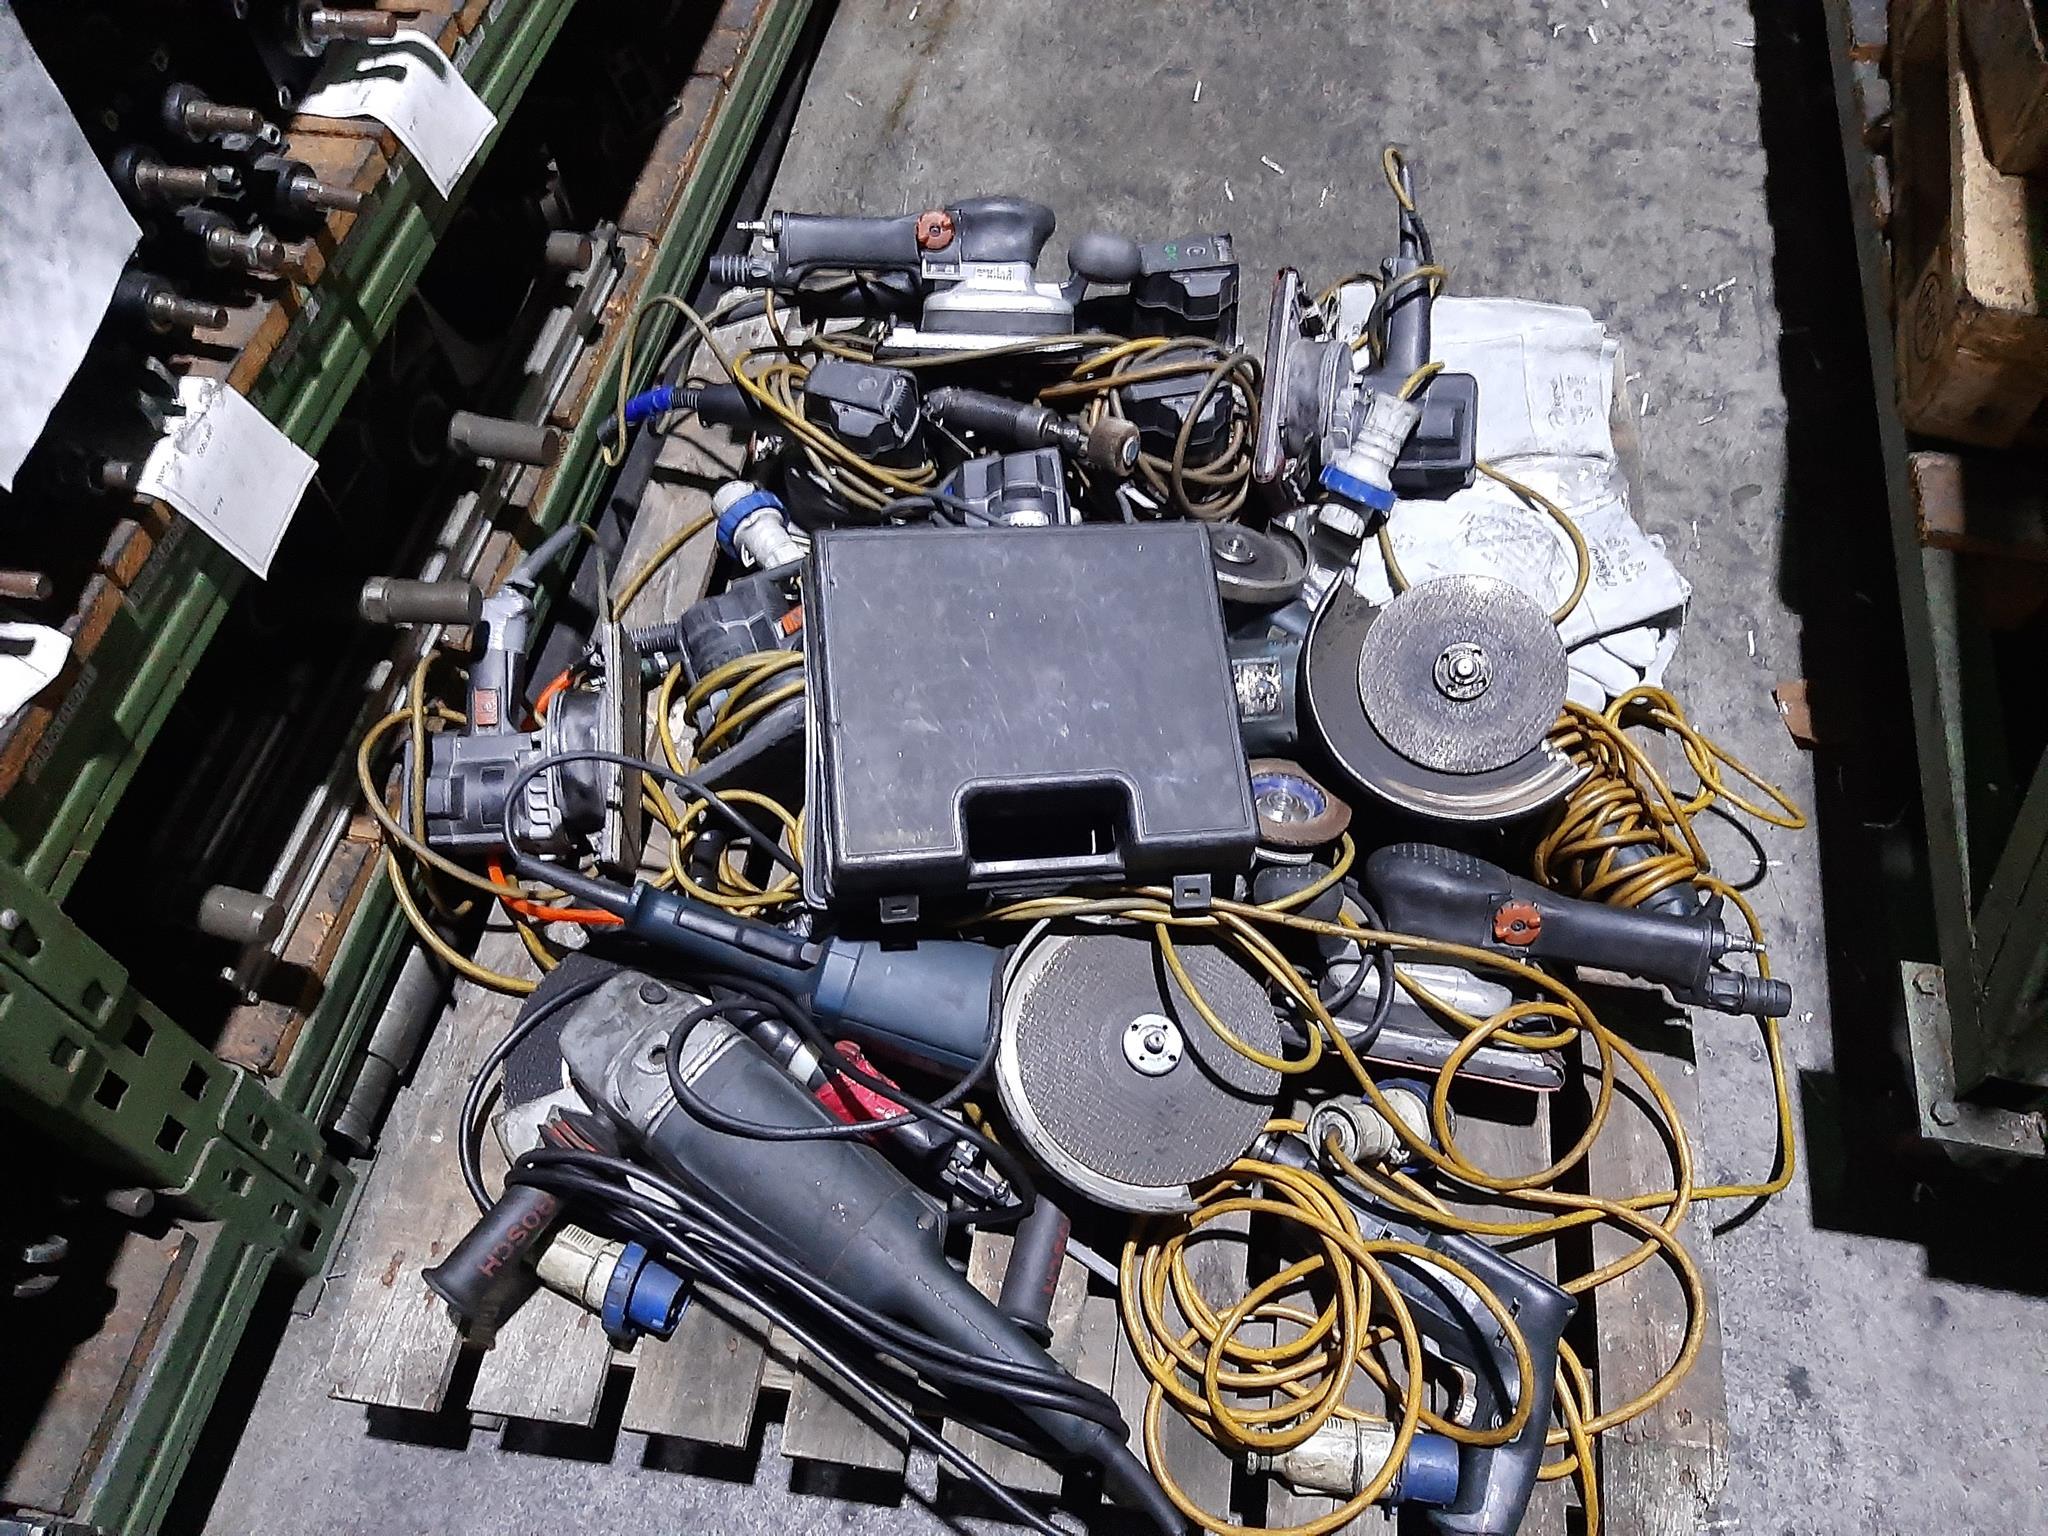 Magazzino componenti meccanici e oleodinamici in vendita - foto 6